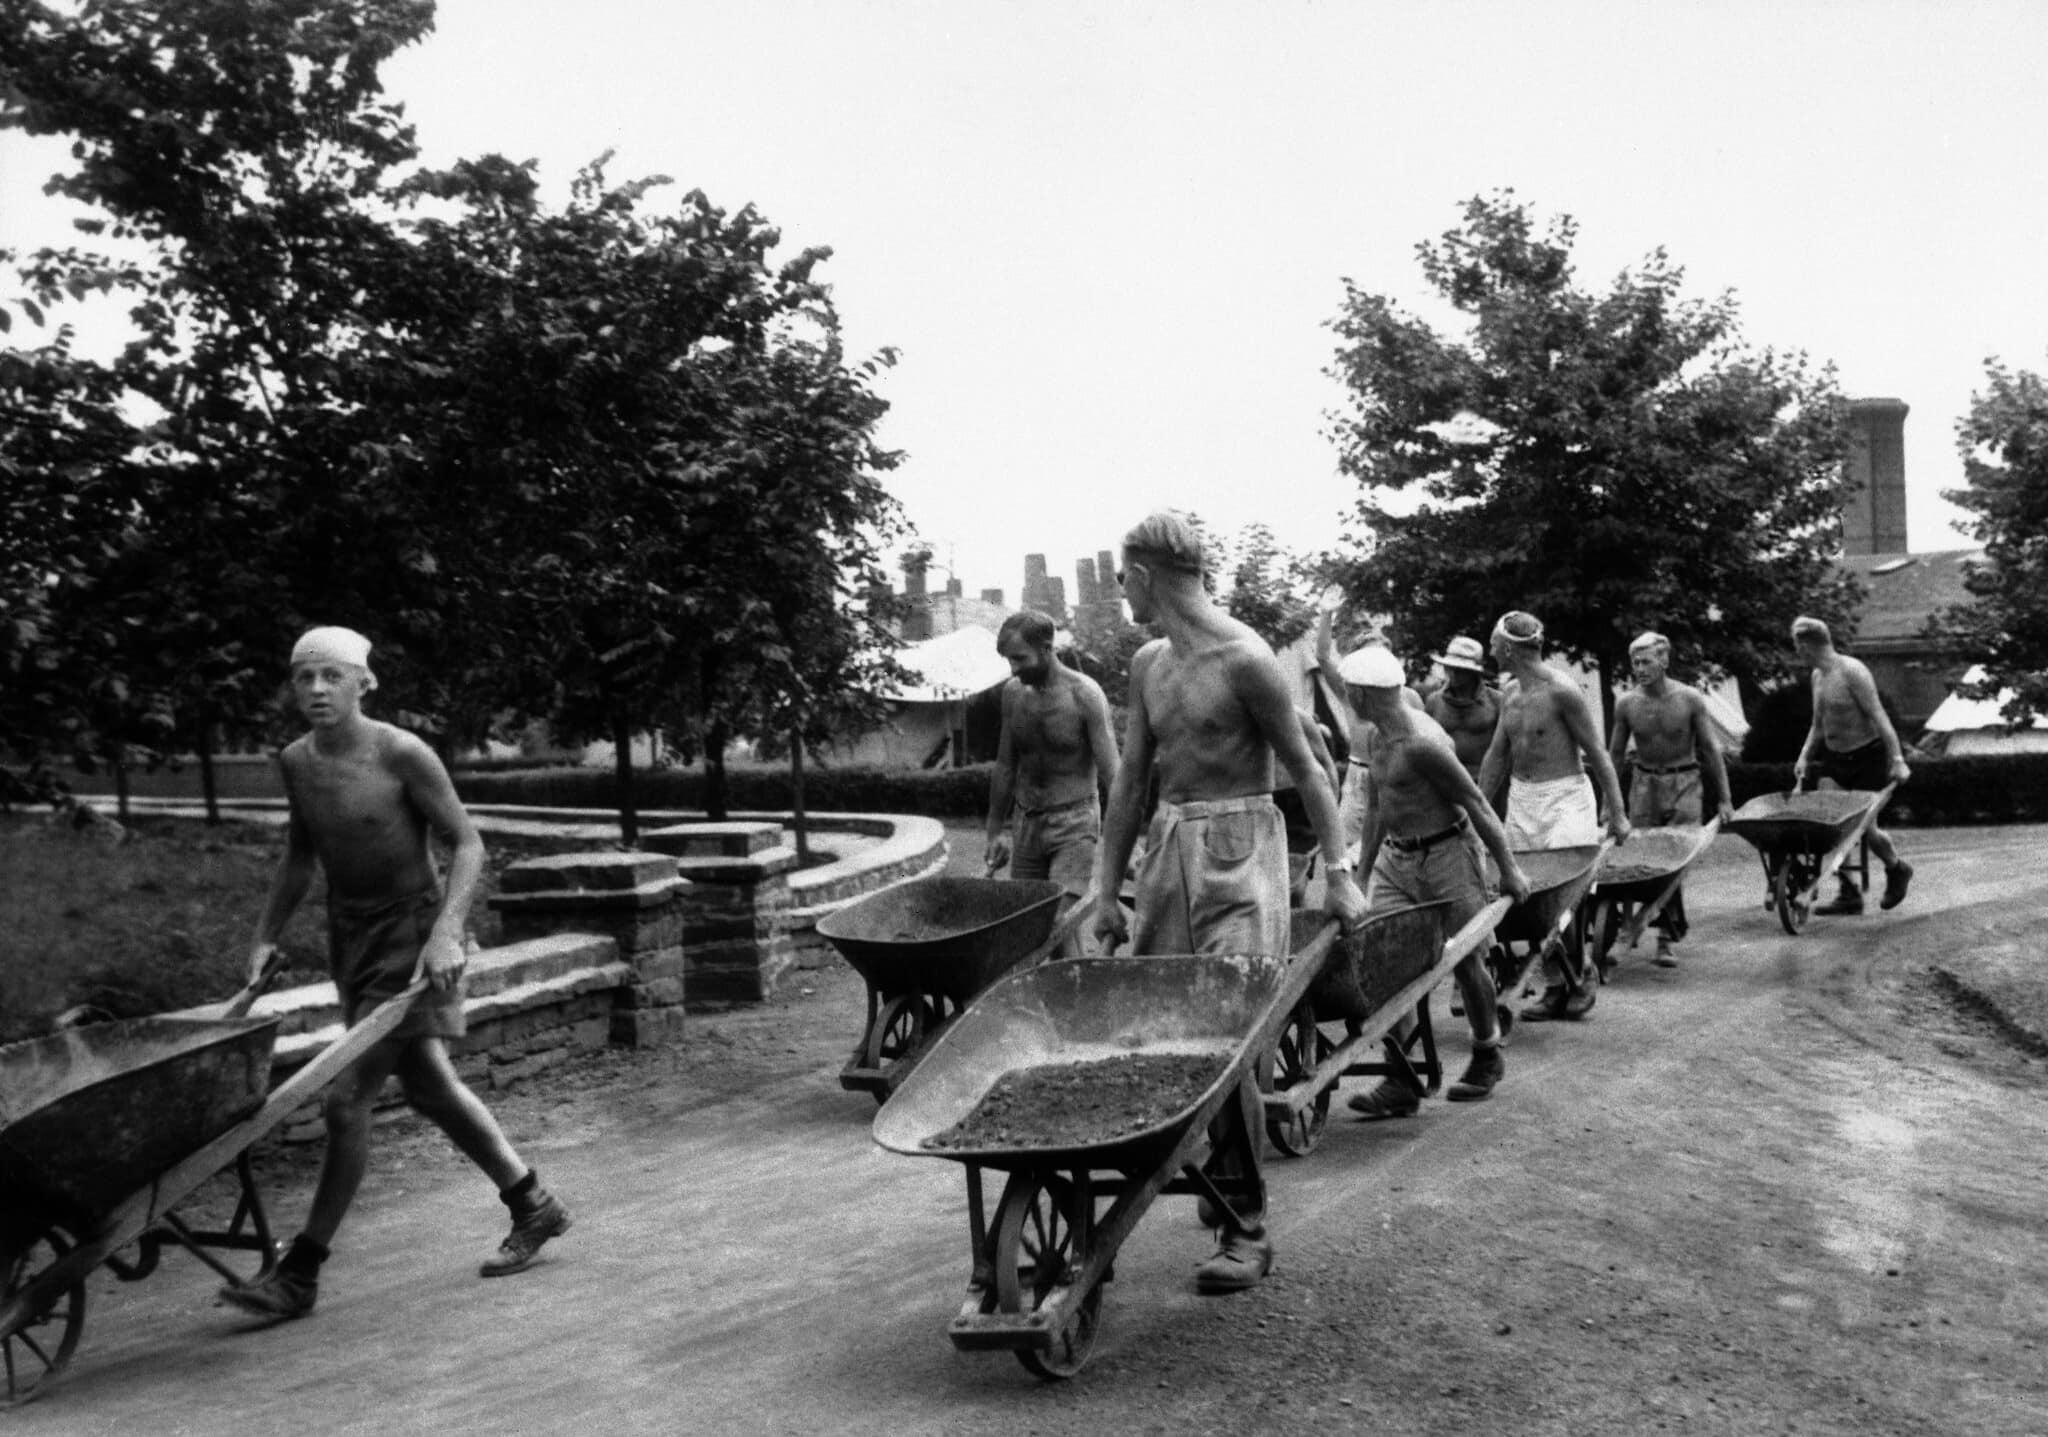 קבוצת שבויי מלחמה נאצים חוזרים מיום עבודה בשדות של מחנה מעצר קנדי, 28 באוגוסט 1940 (צילום: AP)